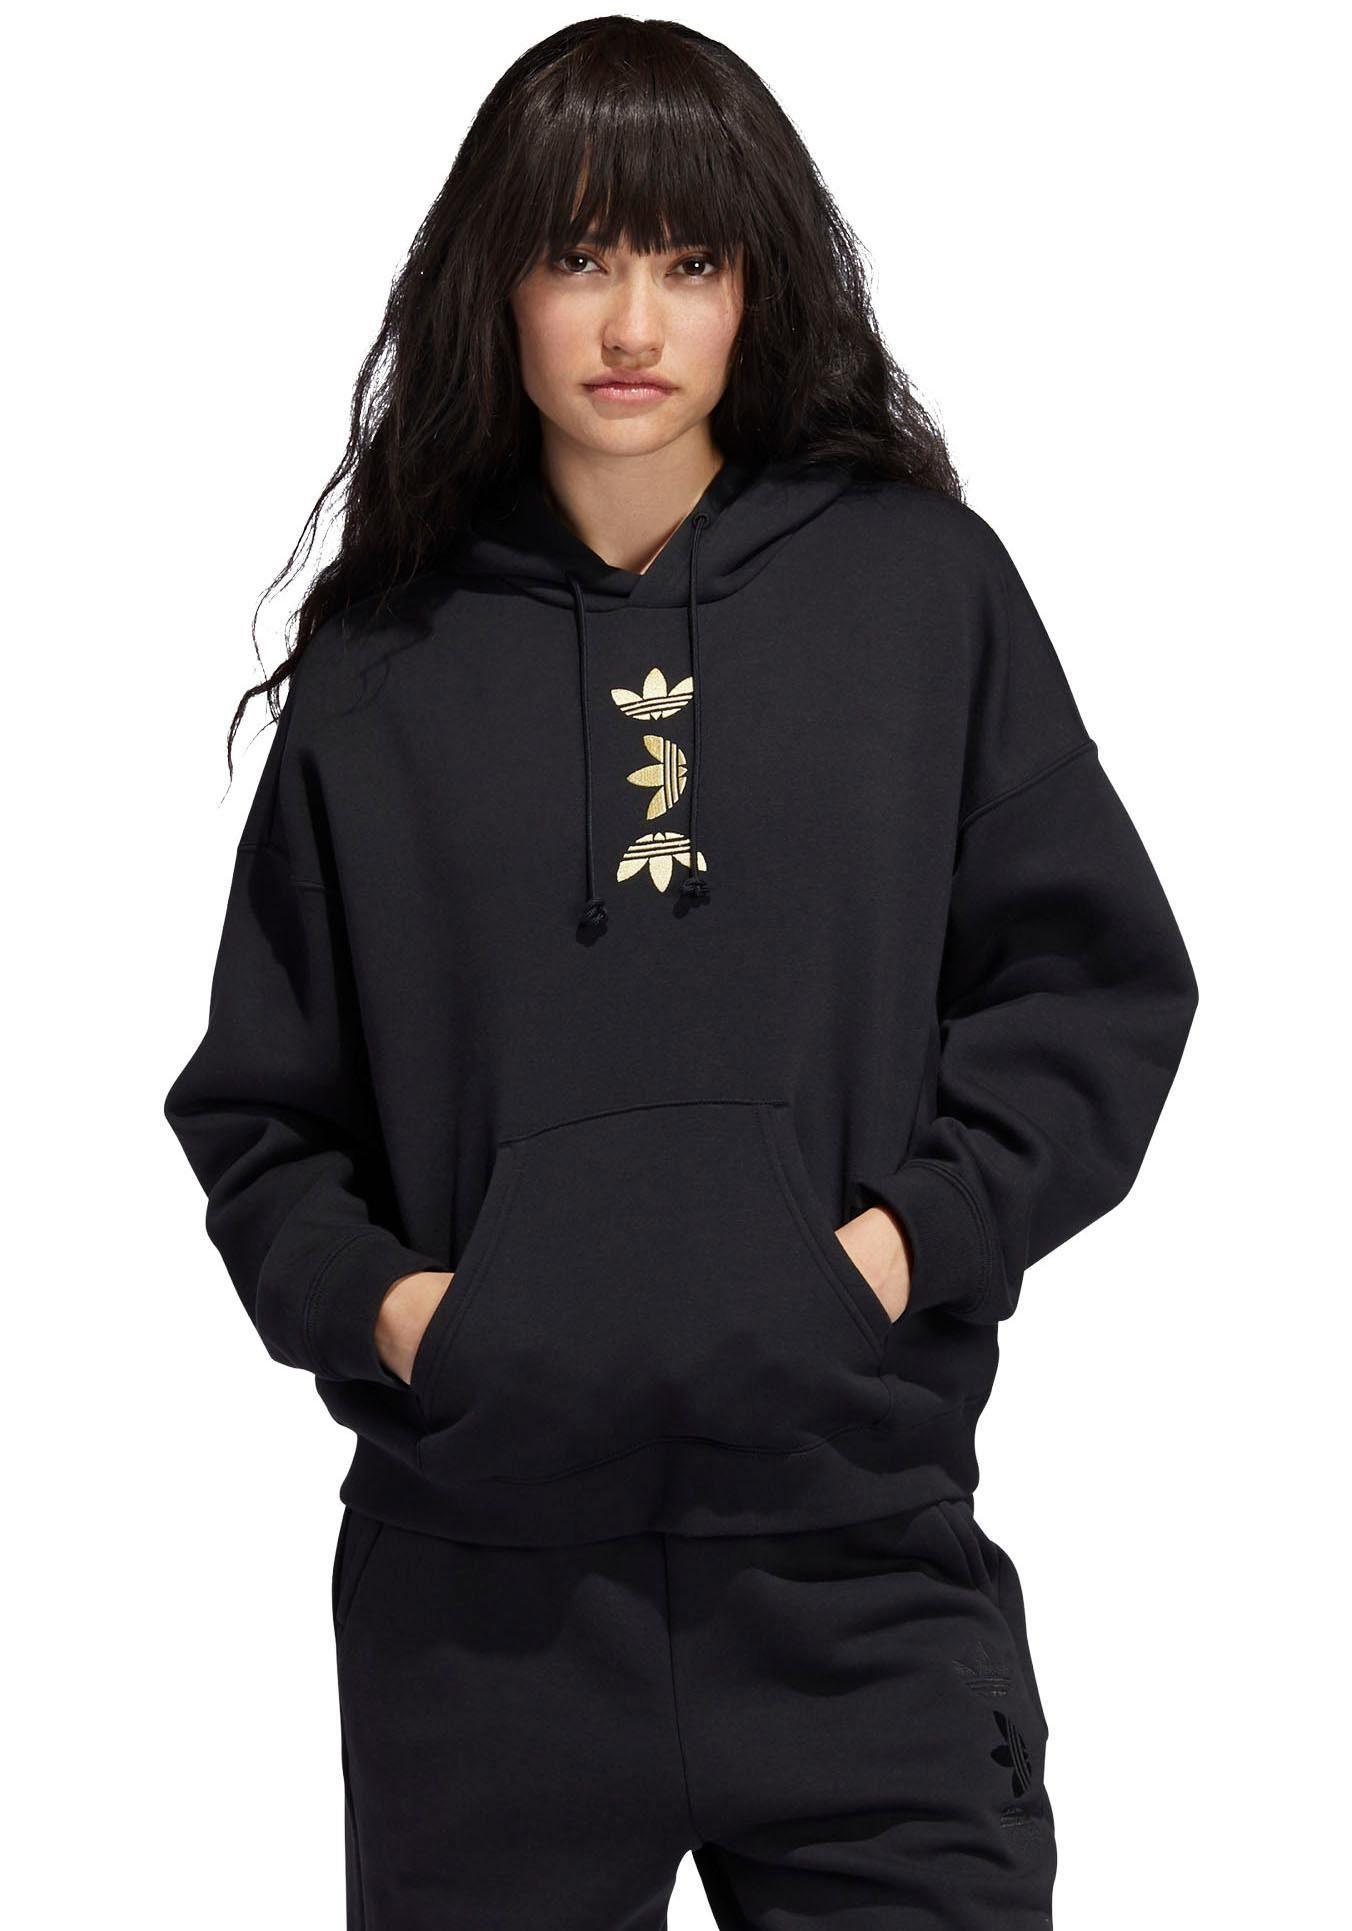 adidas Originals Kapuzensweatshirt, Logodrucke online kaufen | OTTO